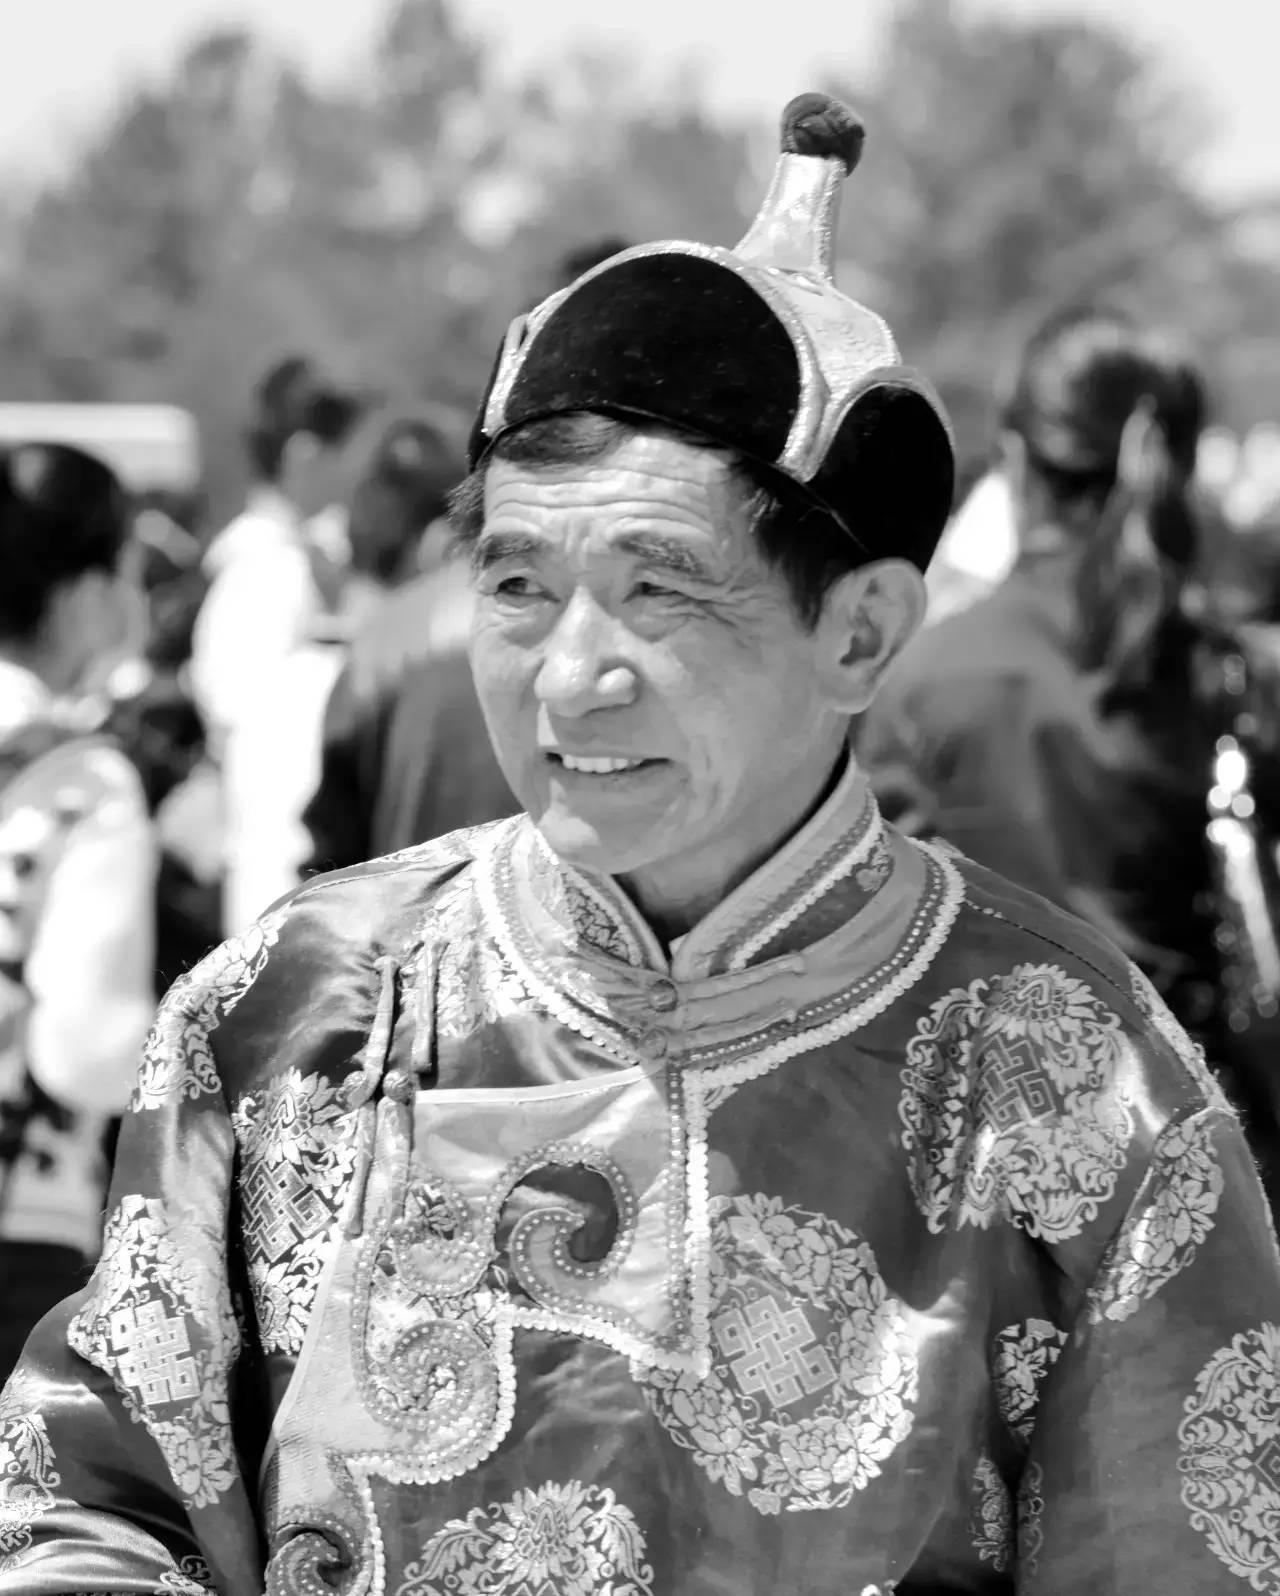 【ANU美图】摄影师吉雅:传统蒙古族牧民黑白纪实作品欣赏 第4张